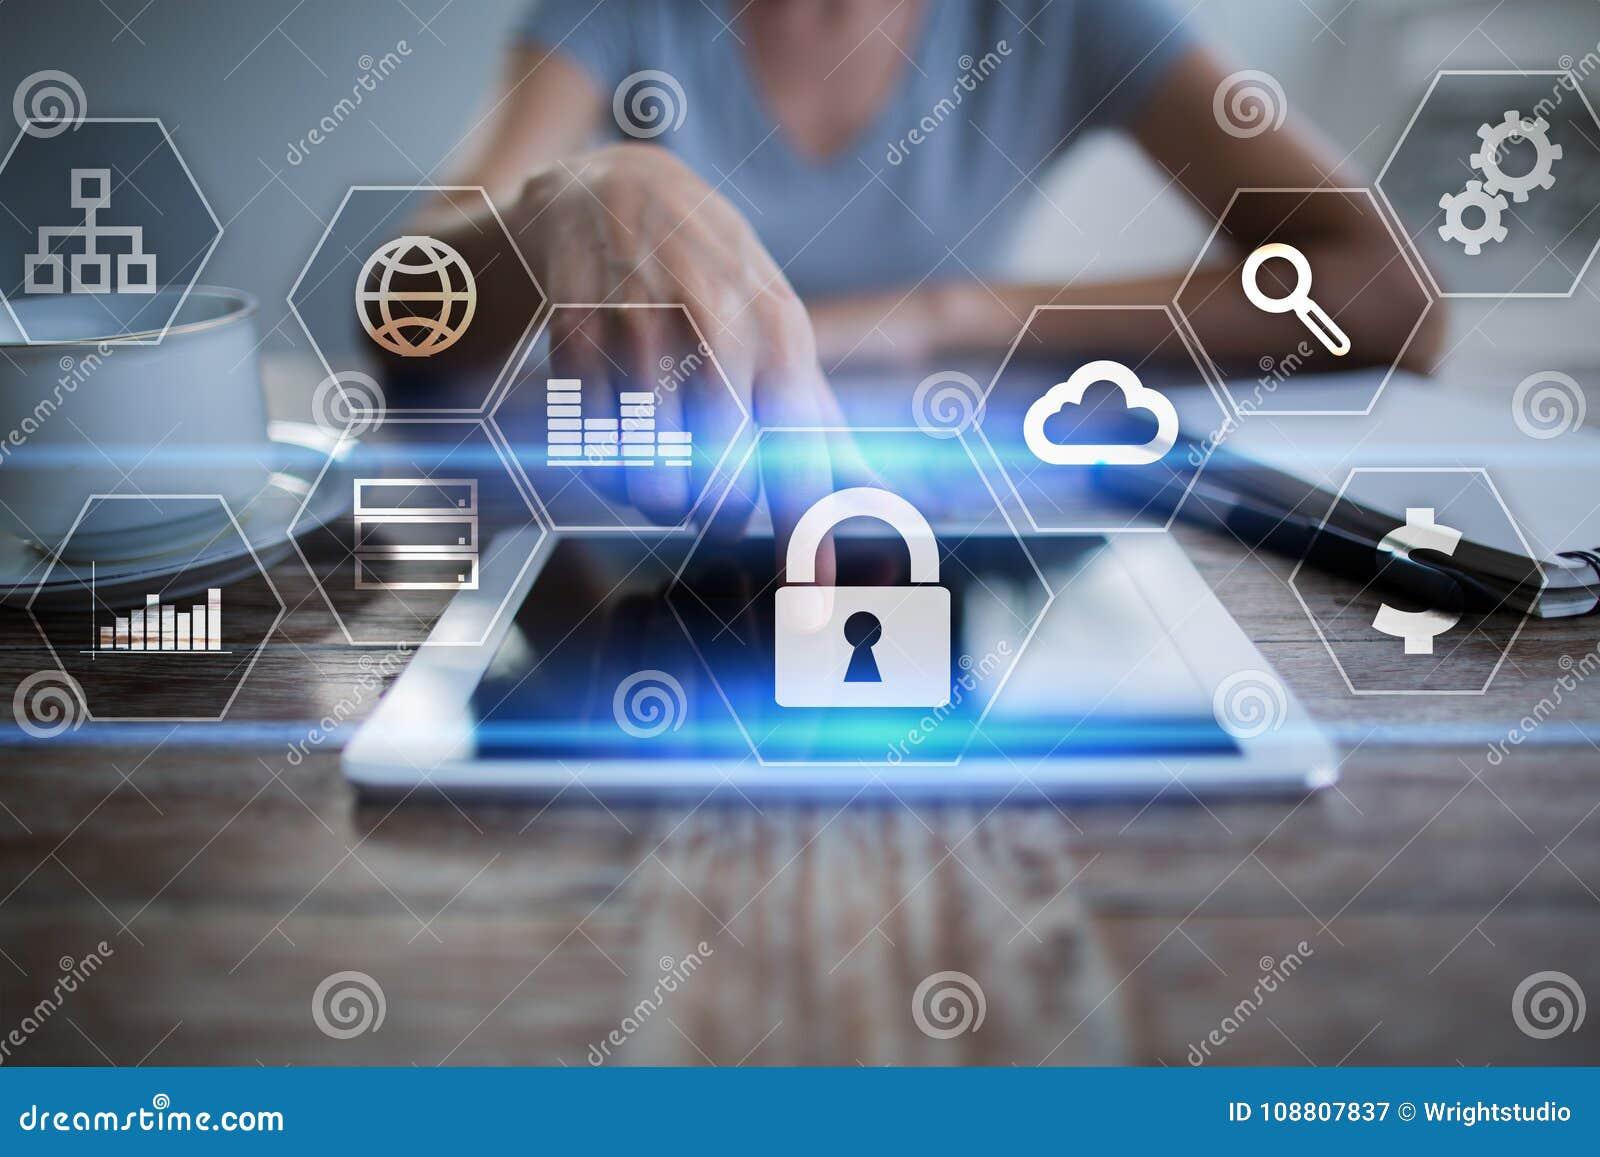 数据保护、网络安全、信息安全和加密 互联网技术和企业概念